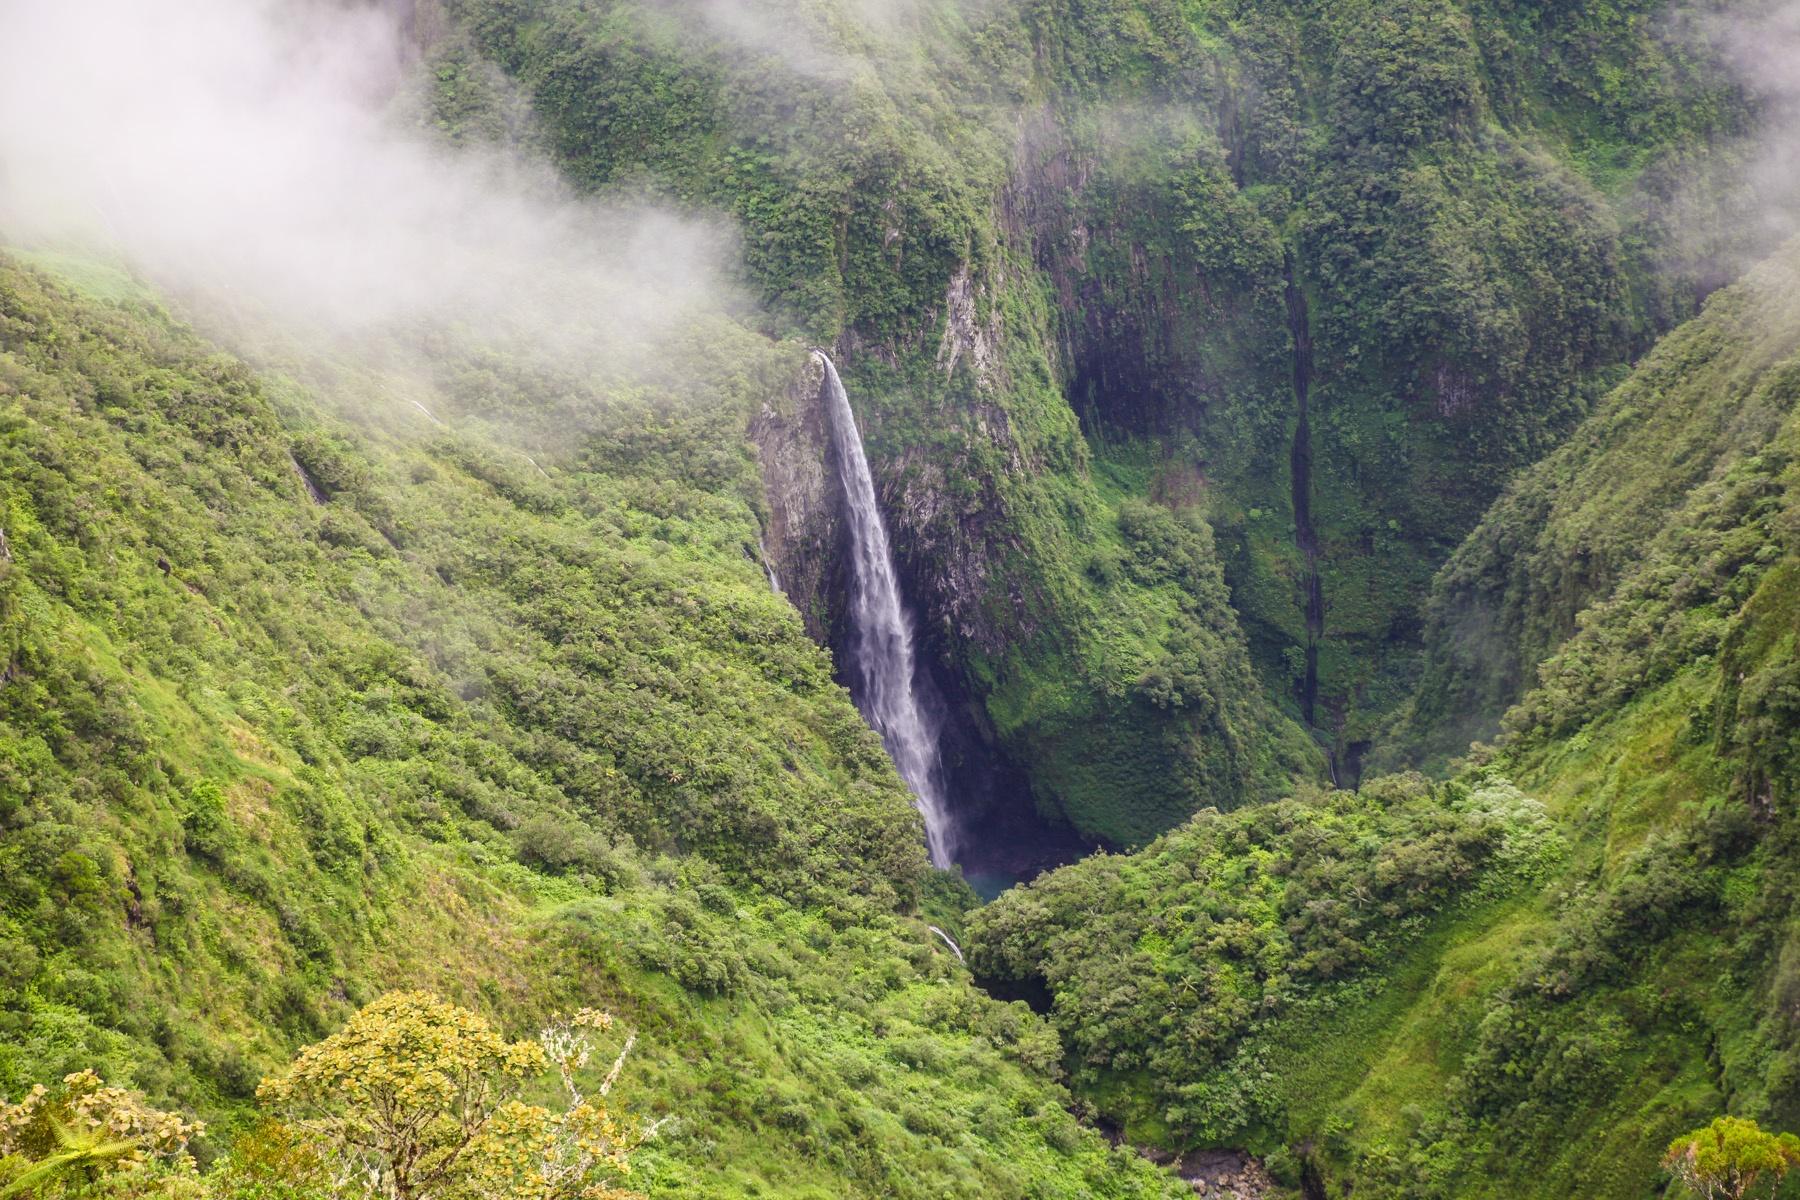 La Réunion Highlights: Wanderung zum Höllenloch Trou de Fer